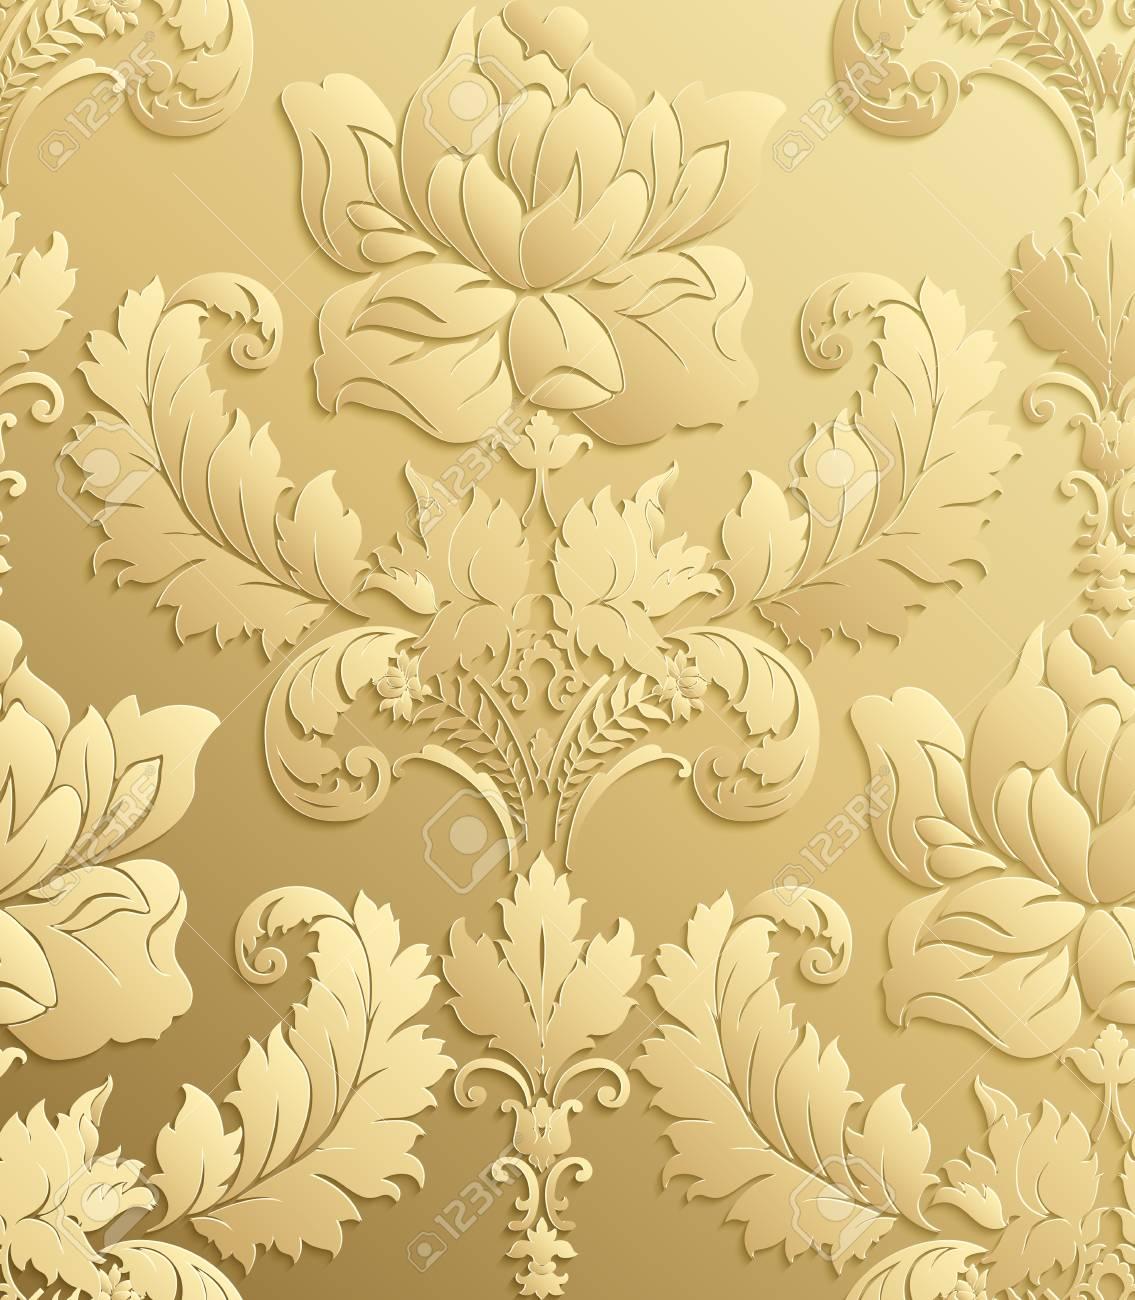 Carta Da Parati Stile Barocco.Vettoriale Carta Da Parati In Stile Barocco Vector Damasco Senza Soluzione Di Continuita Floreale Ornamento Rosa Image 80710911